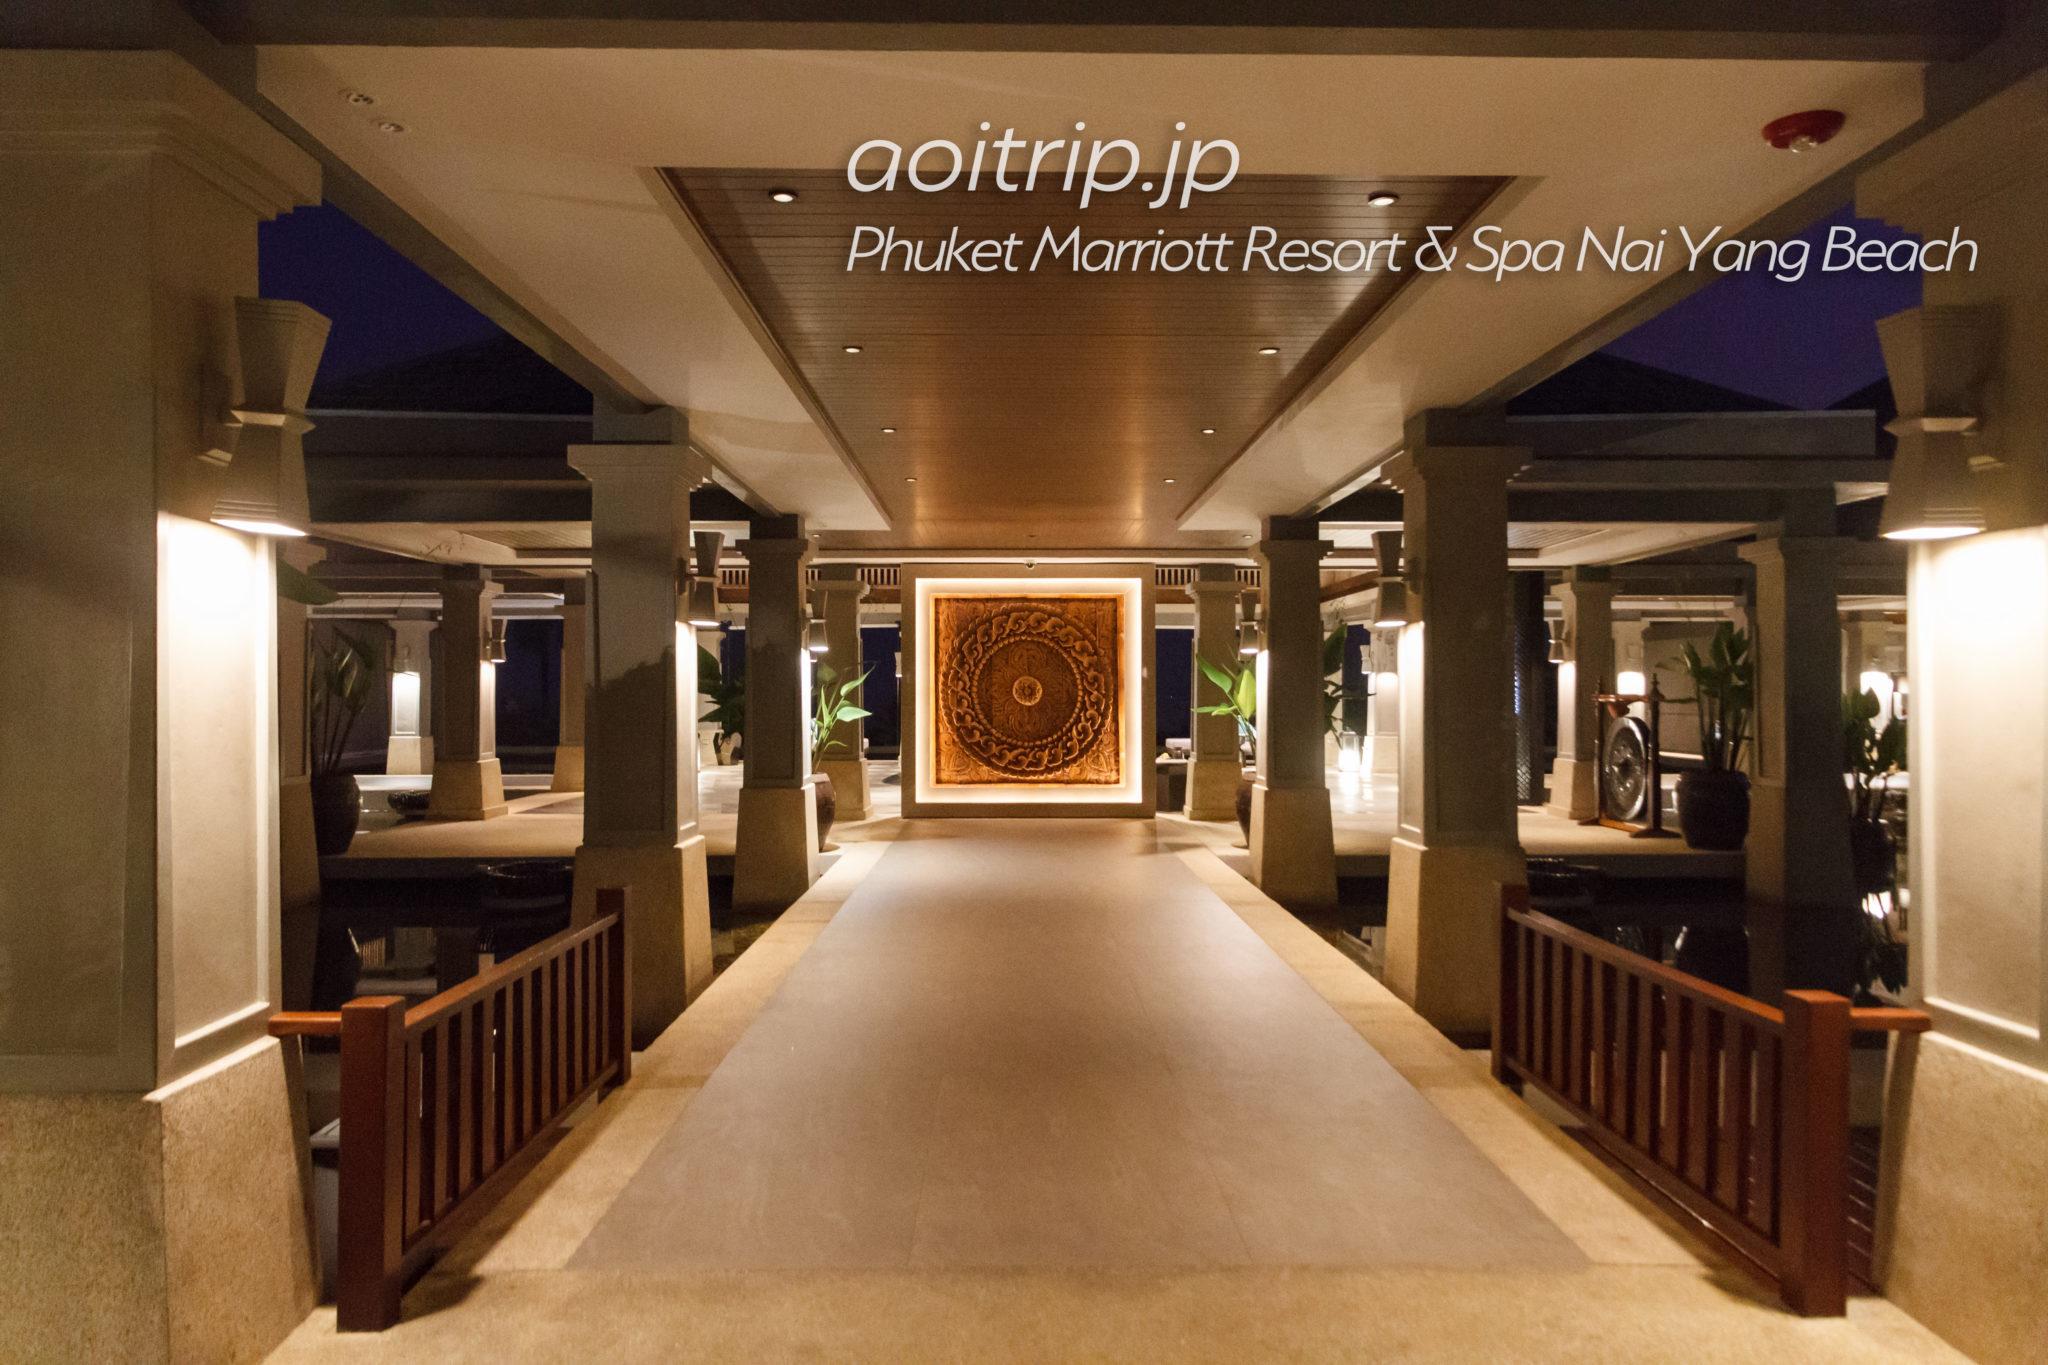 プーケット マリオット リゾート & スパ ナイヤン ビーチのホテルロビー